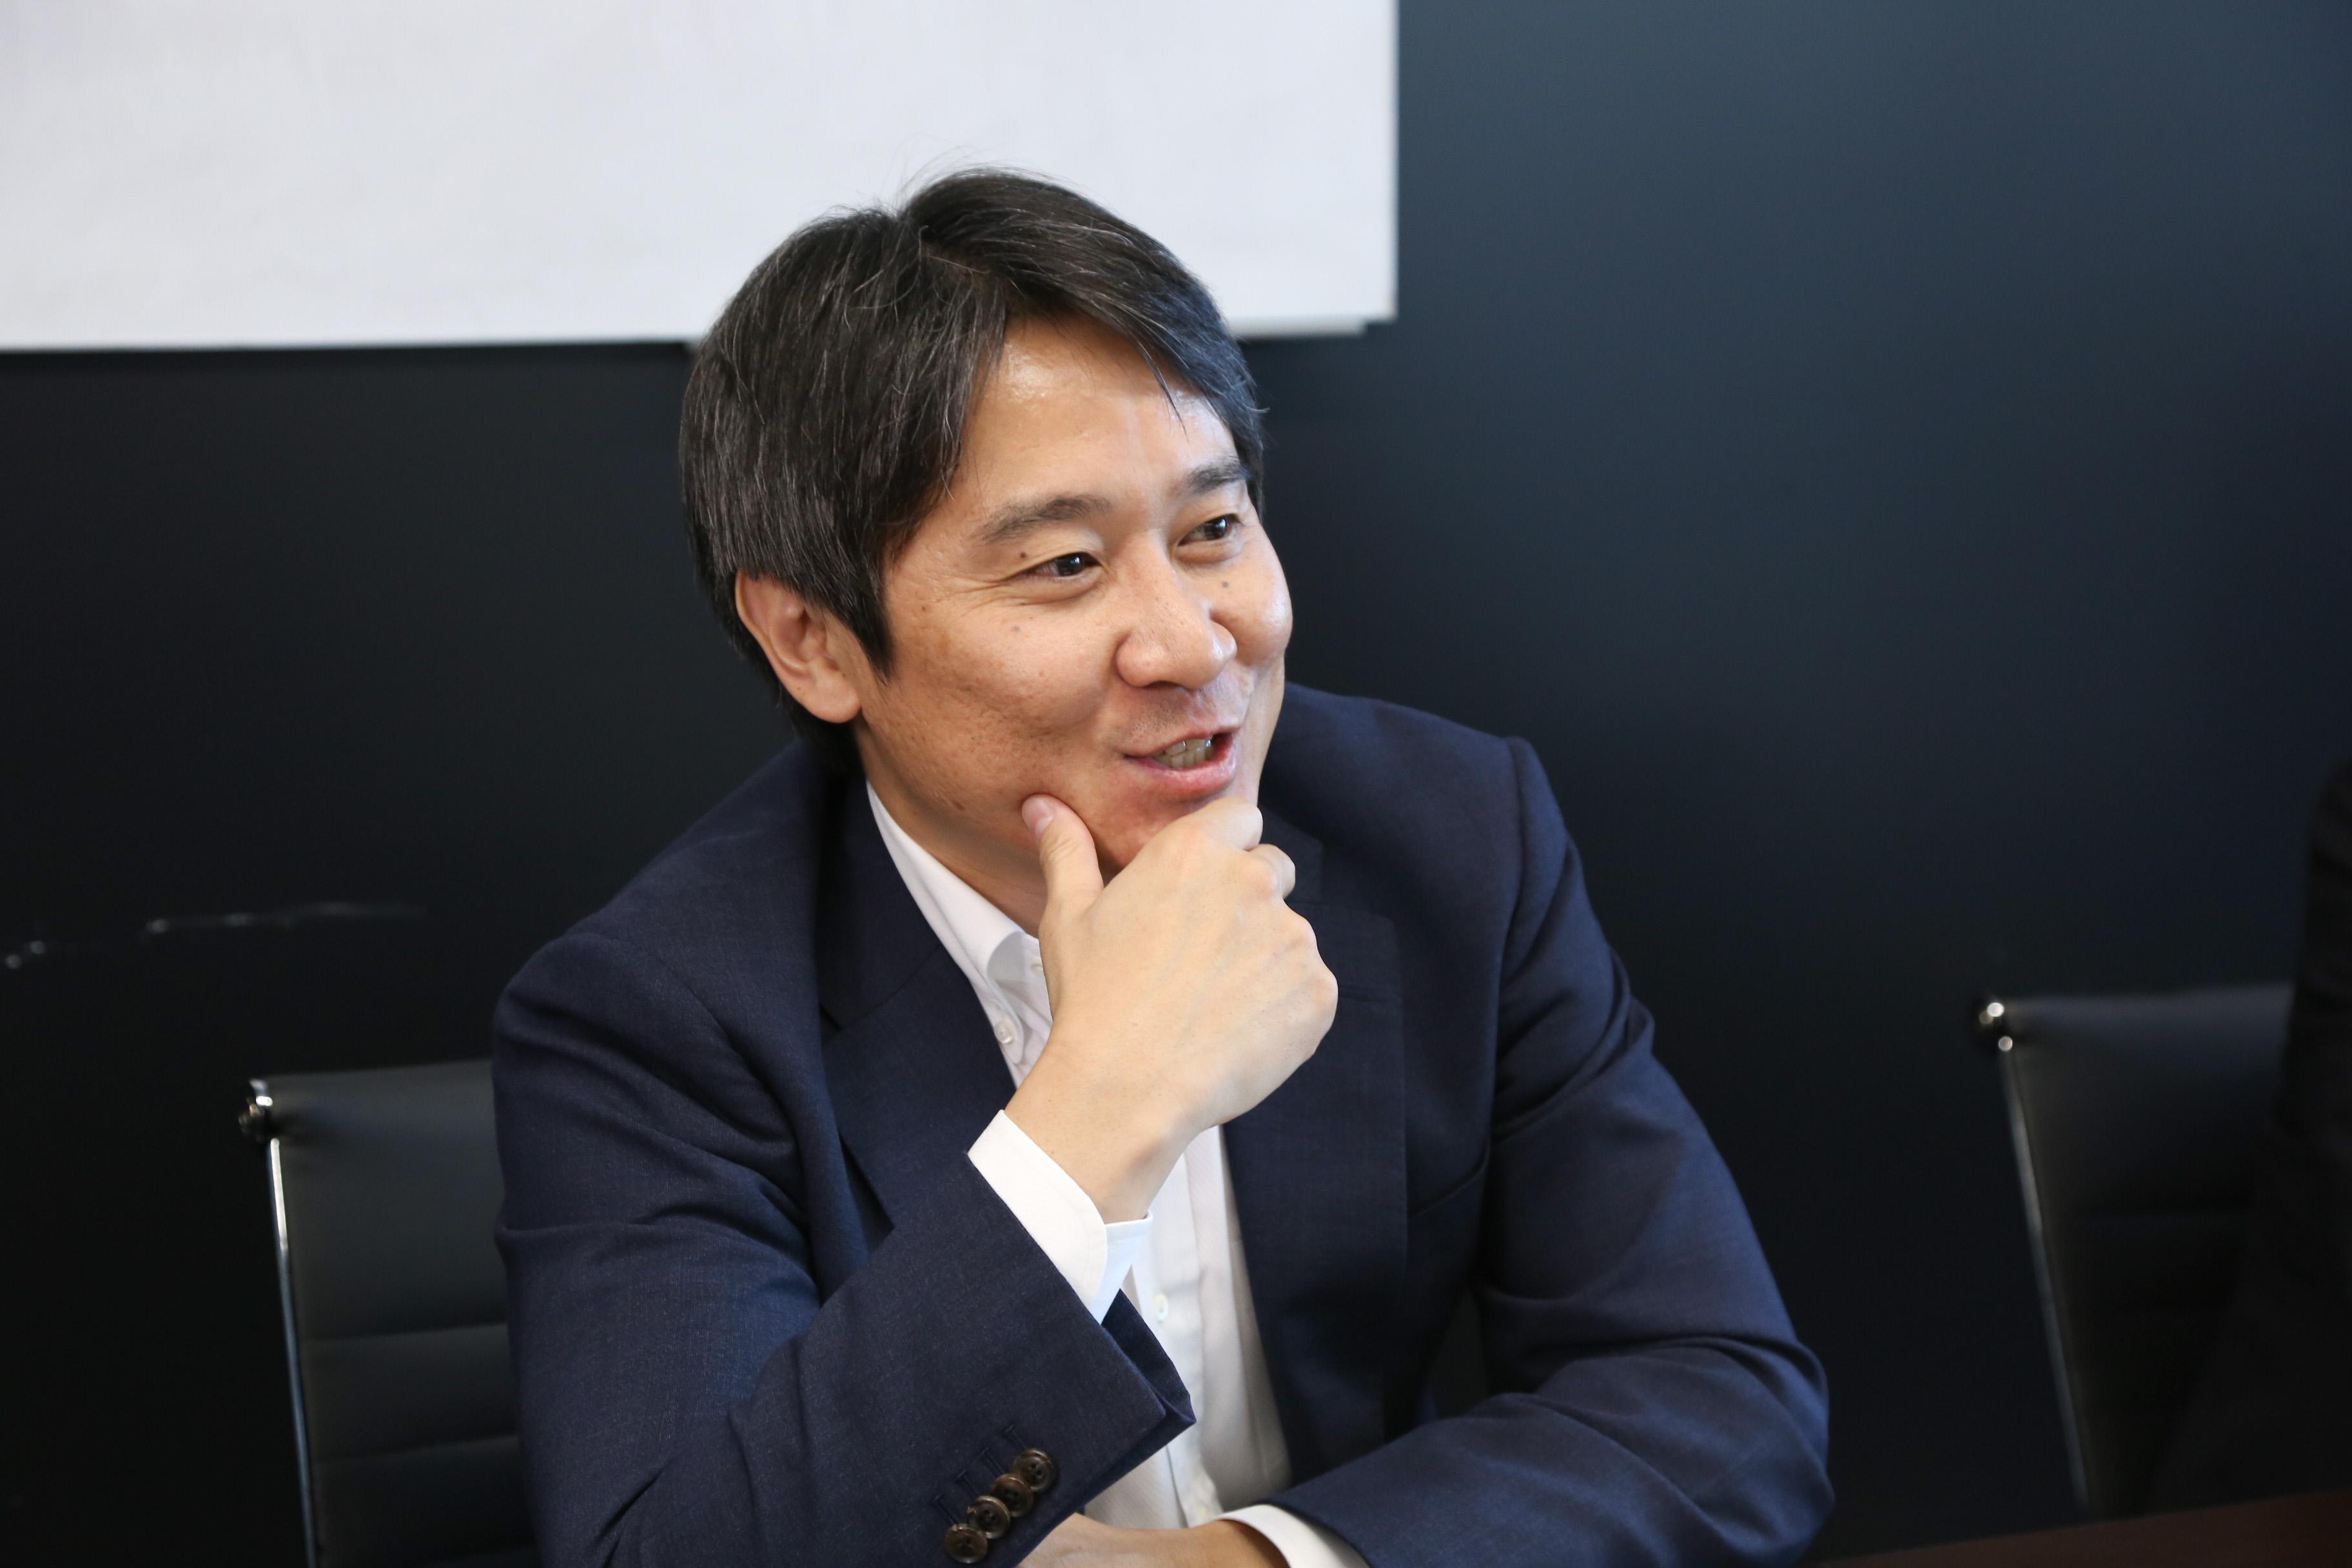 あいわ税理士法人 代表社員(税理士) 杉山 康弘氏